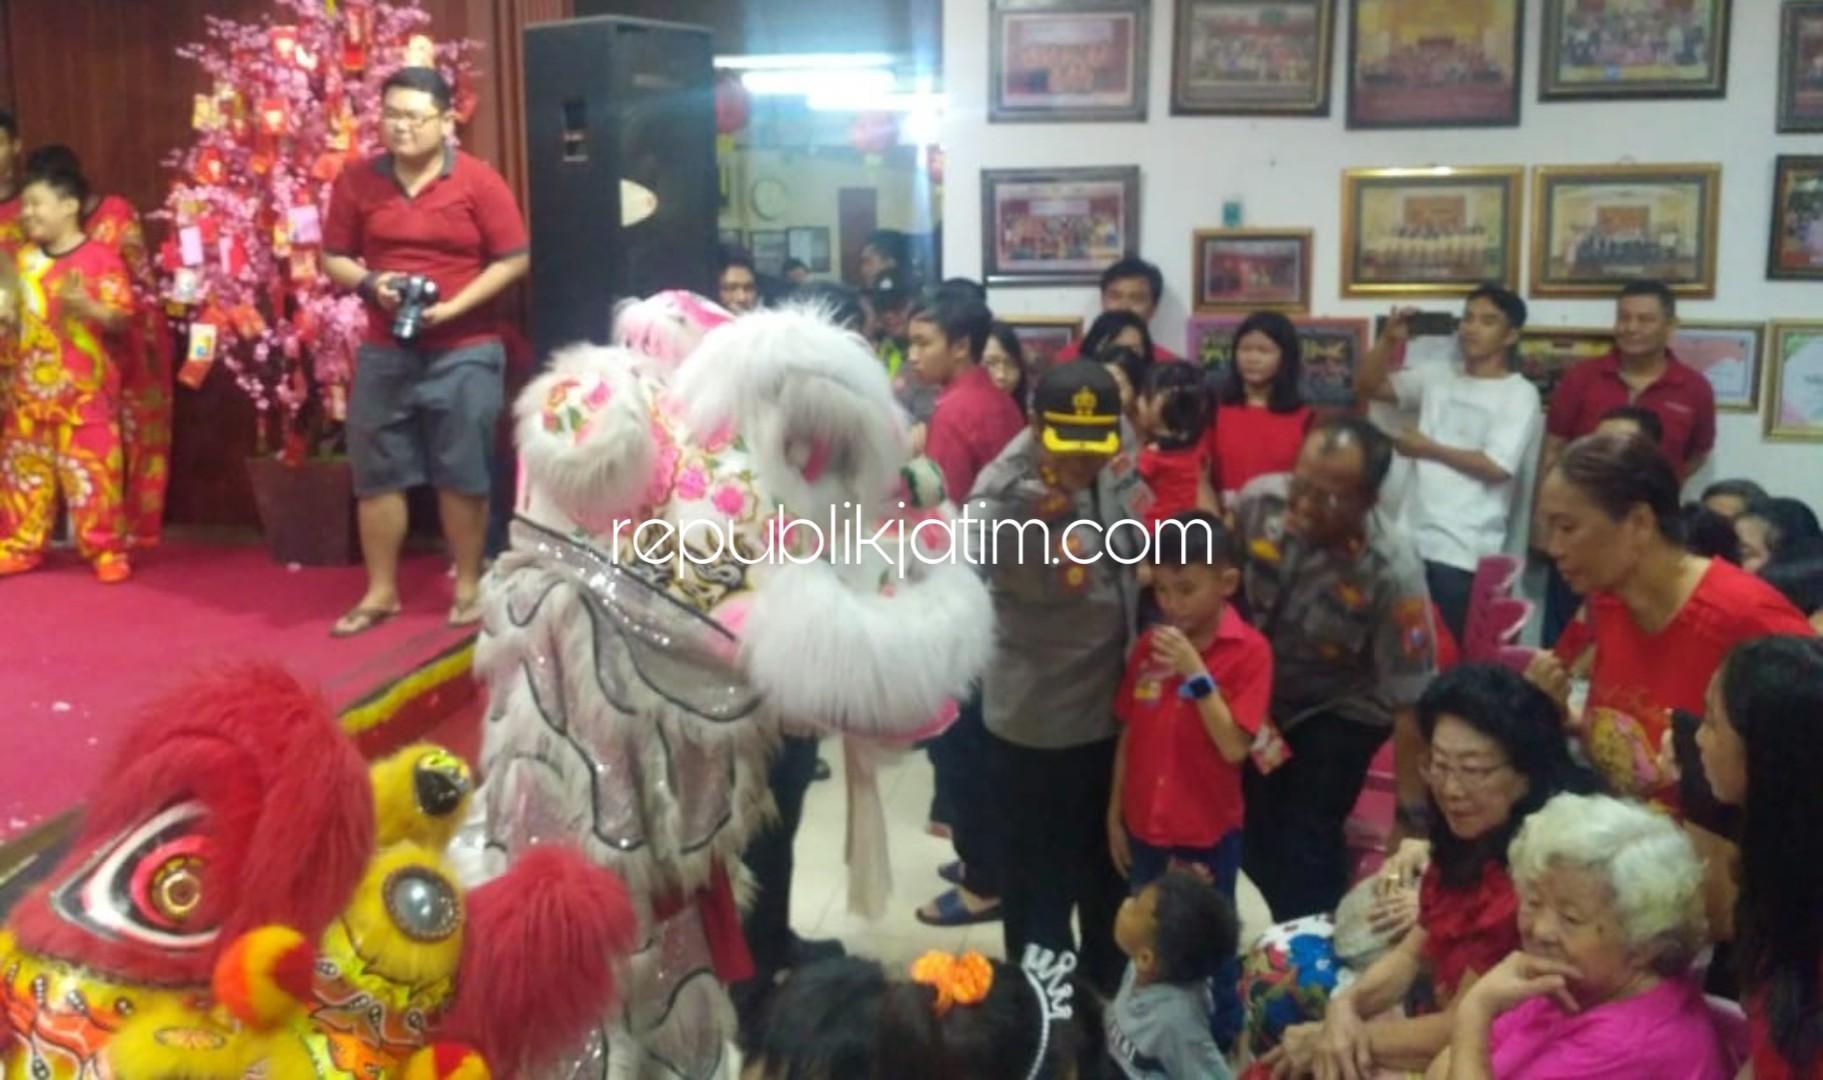 Wakapolresta Sidoarjo Tinjau Klenteng Pastikan Keamanan Perayaan Imlek